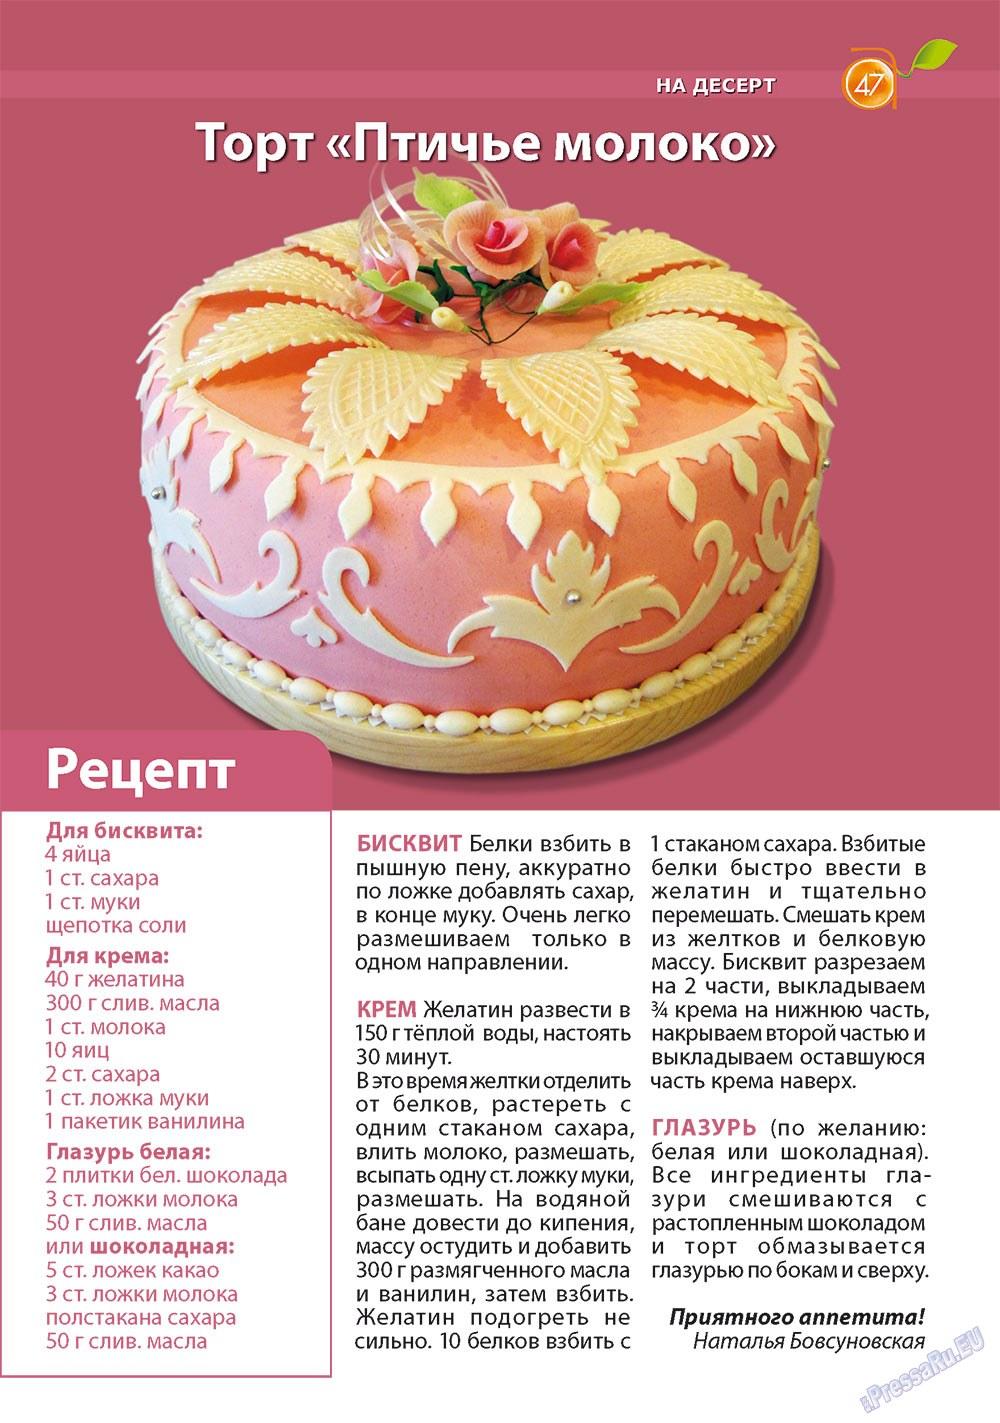 Апельсин (журнал). 2011 год, номер 24, стр. 47